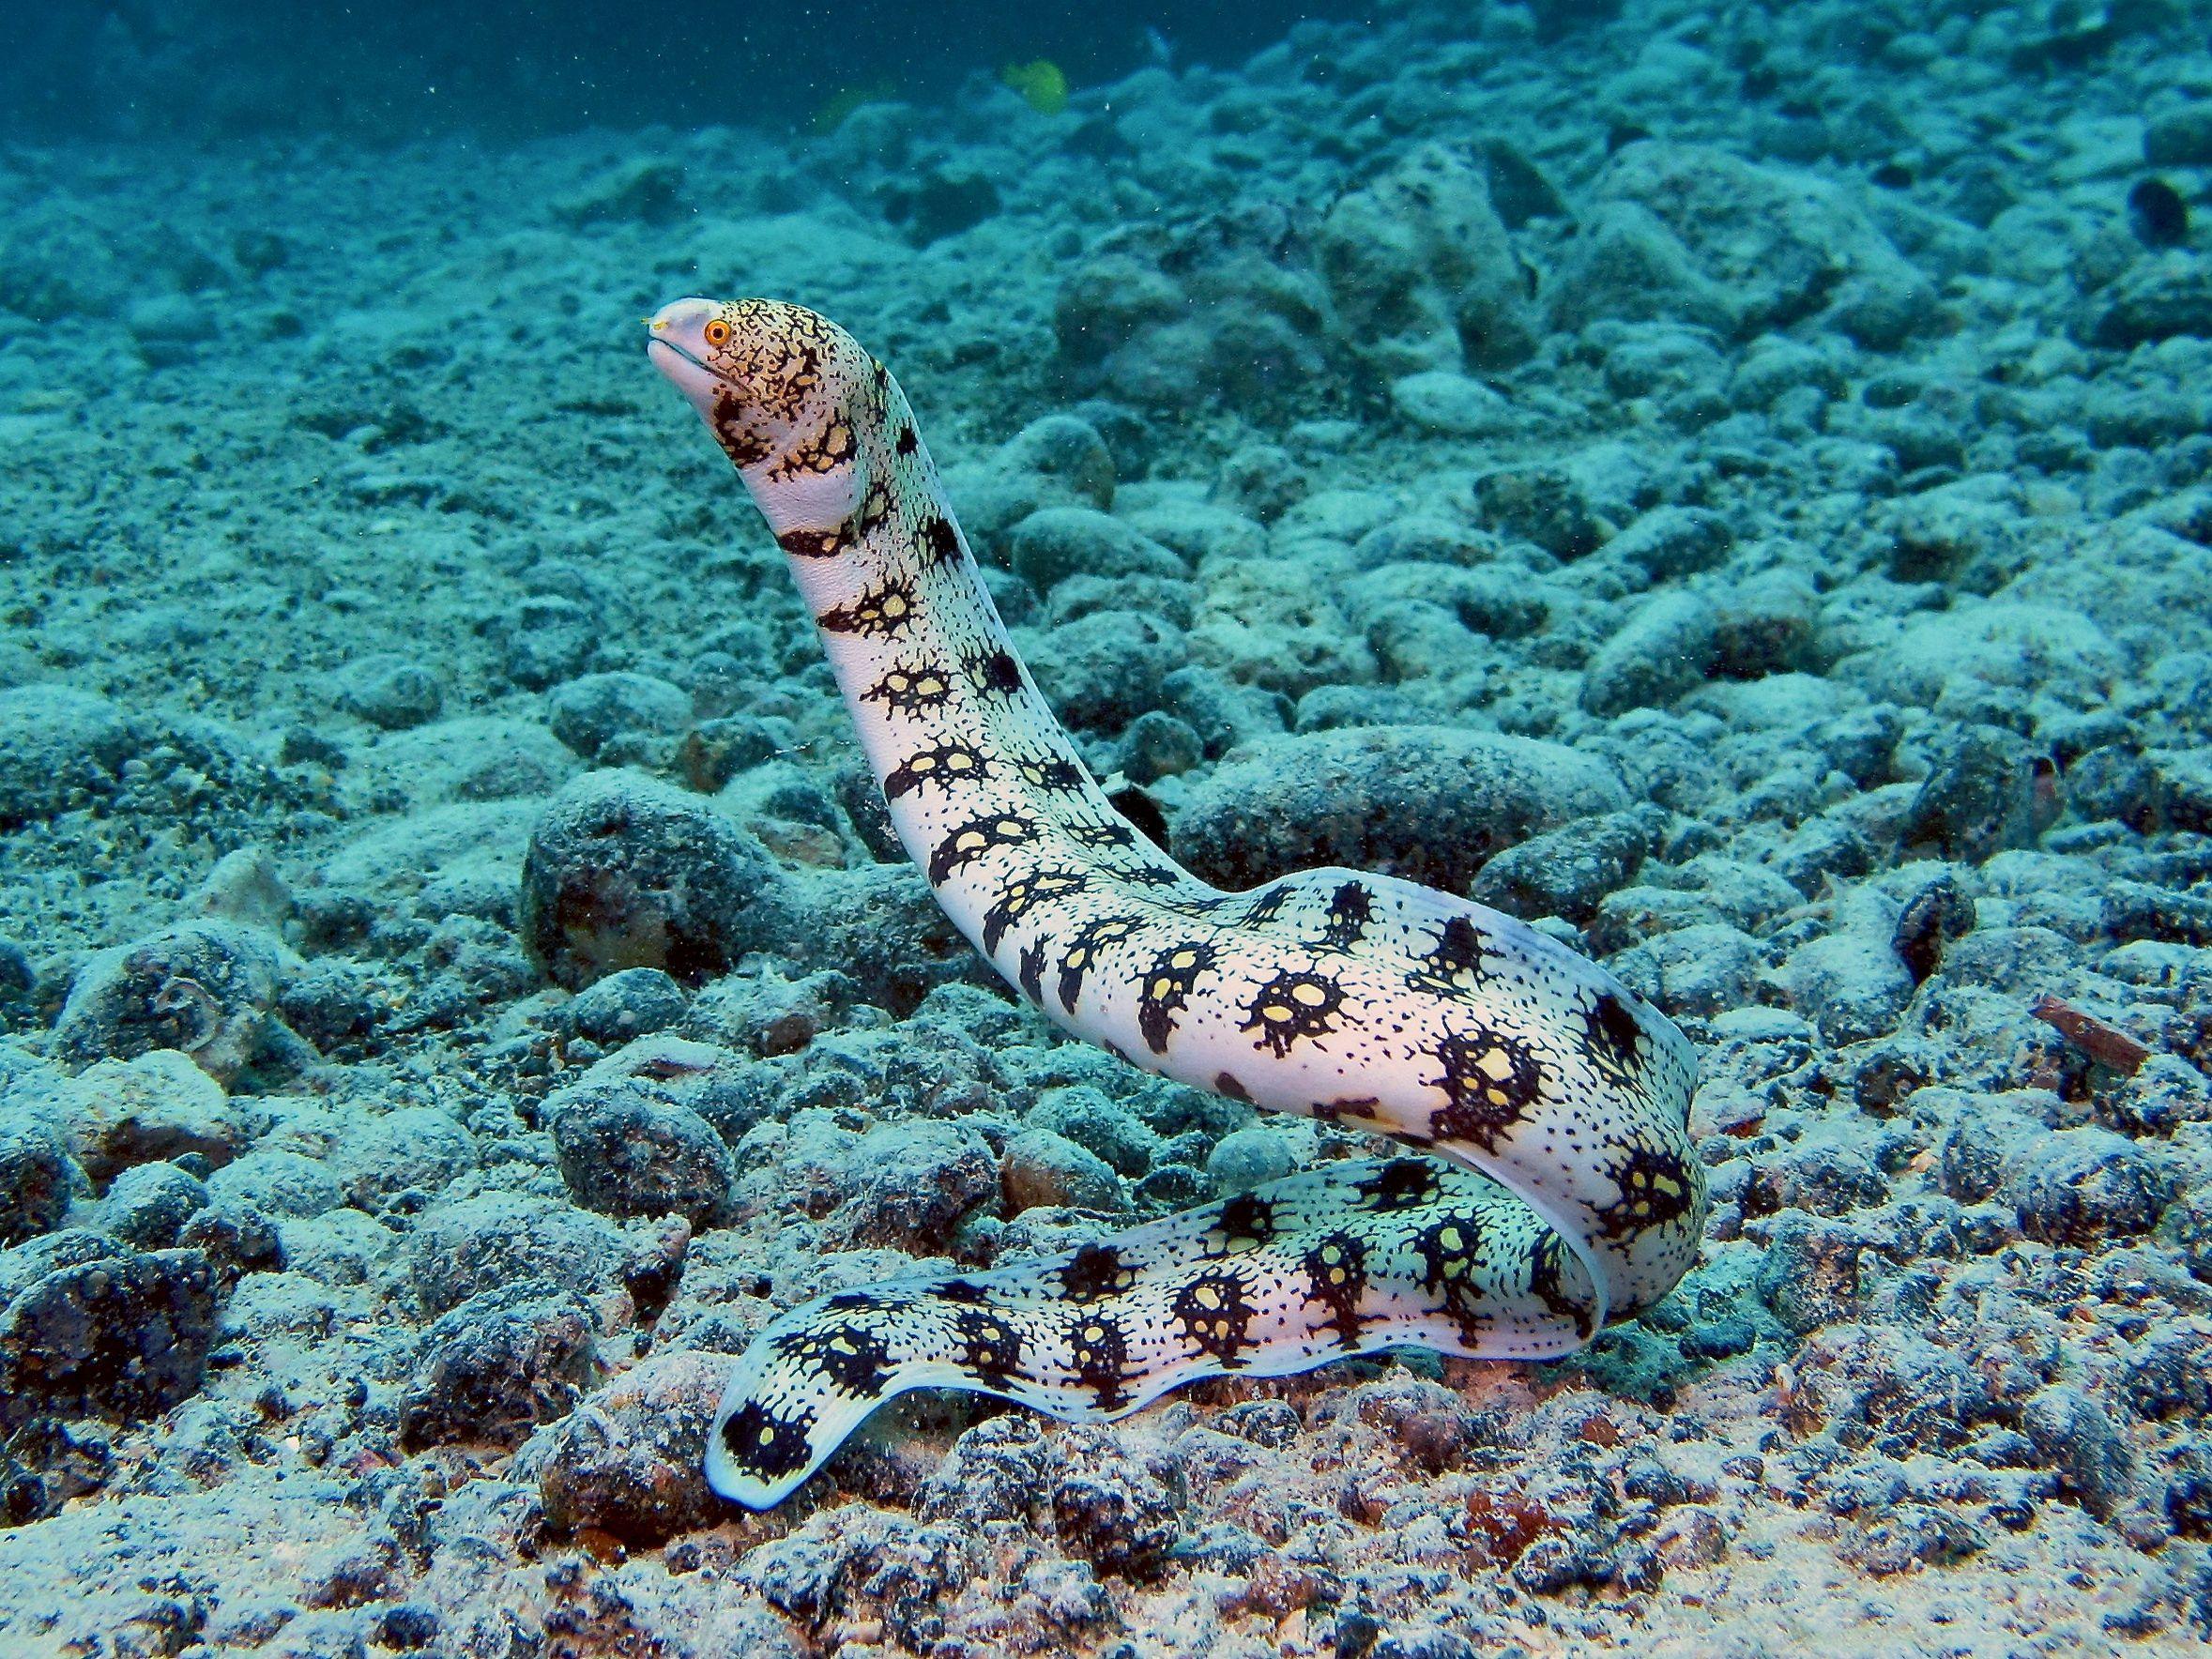 types of eels